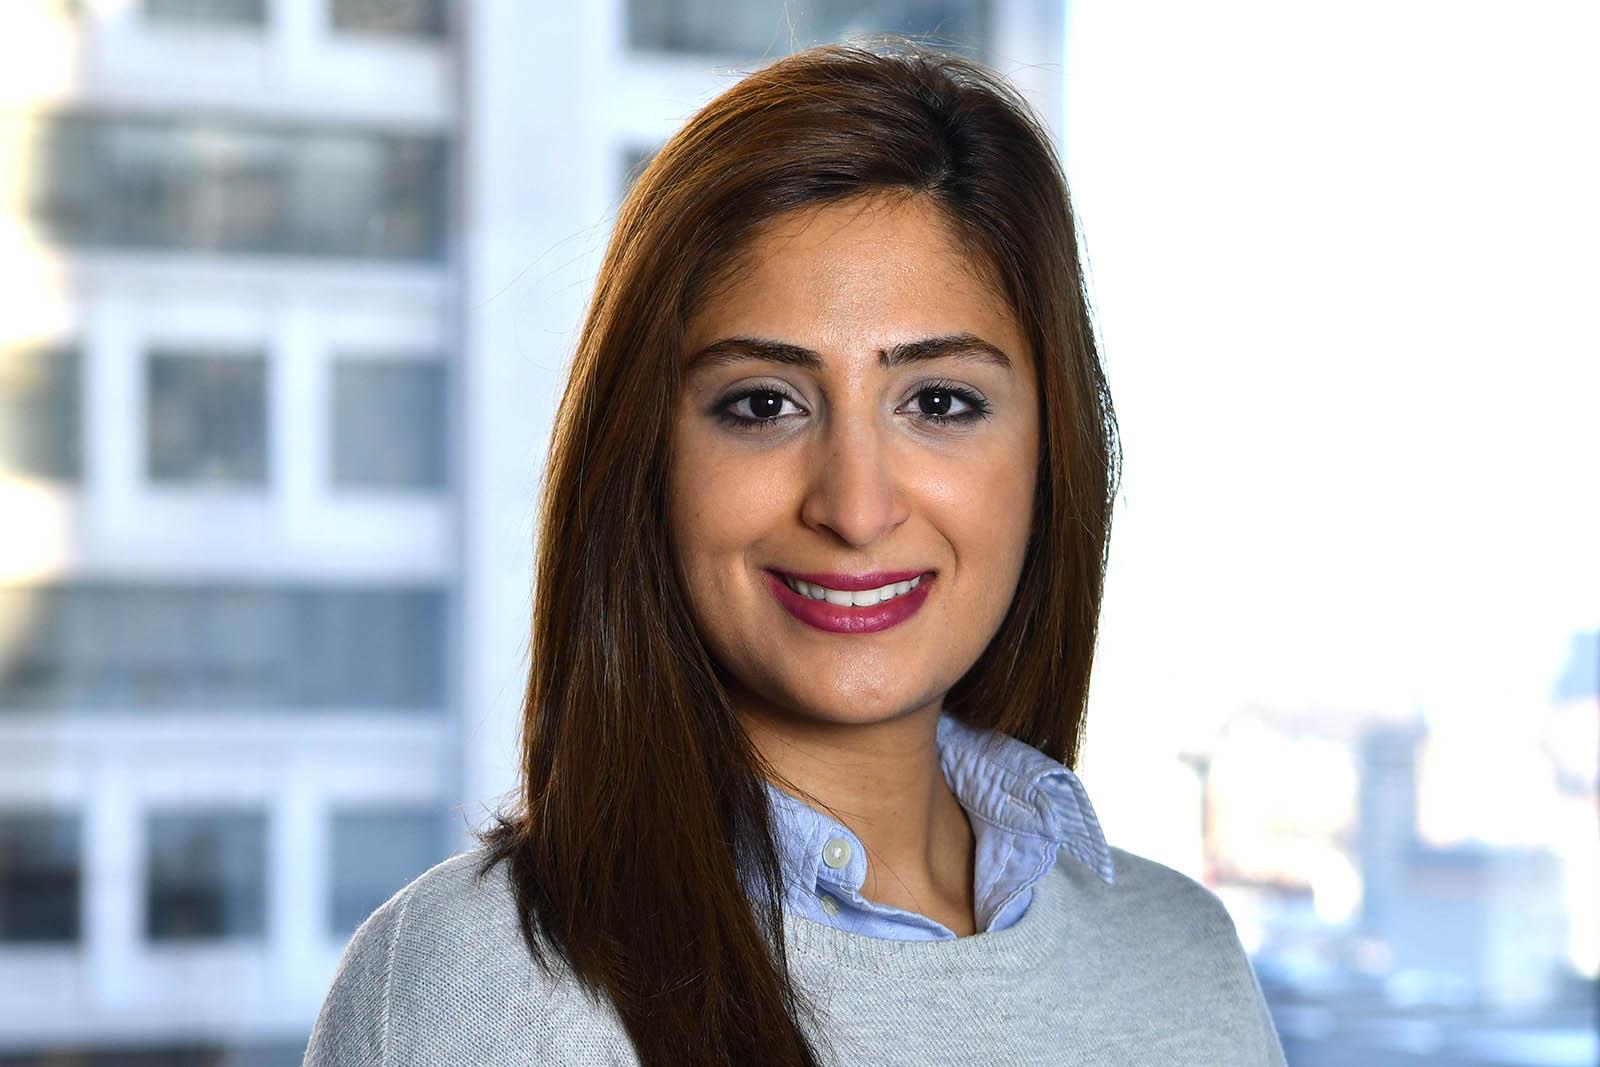 Joelle Khairallah